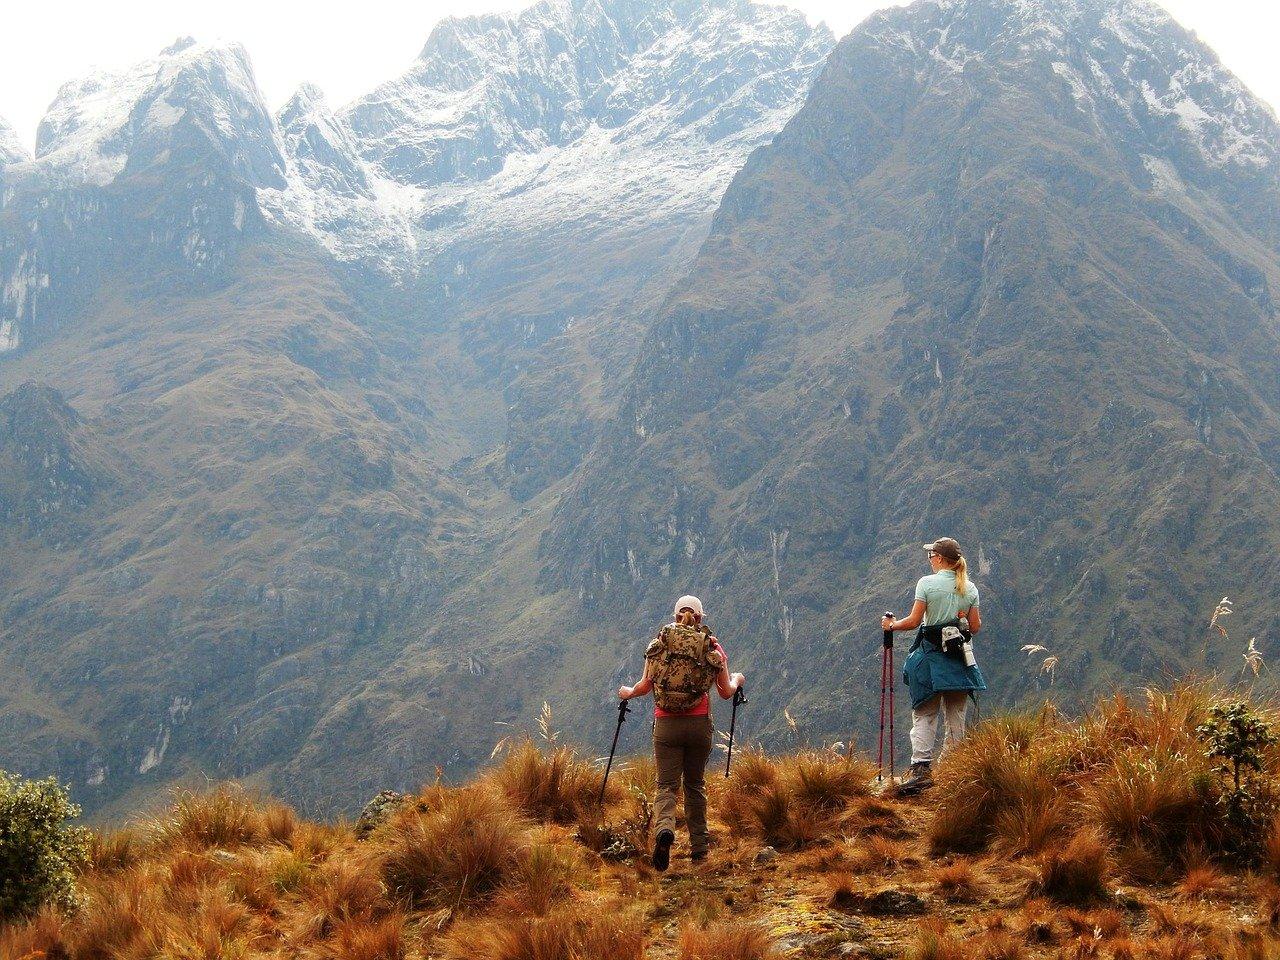 trilha Inca pra chegar em Machu Picchu